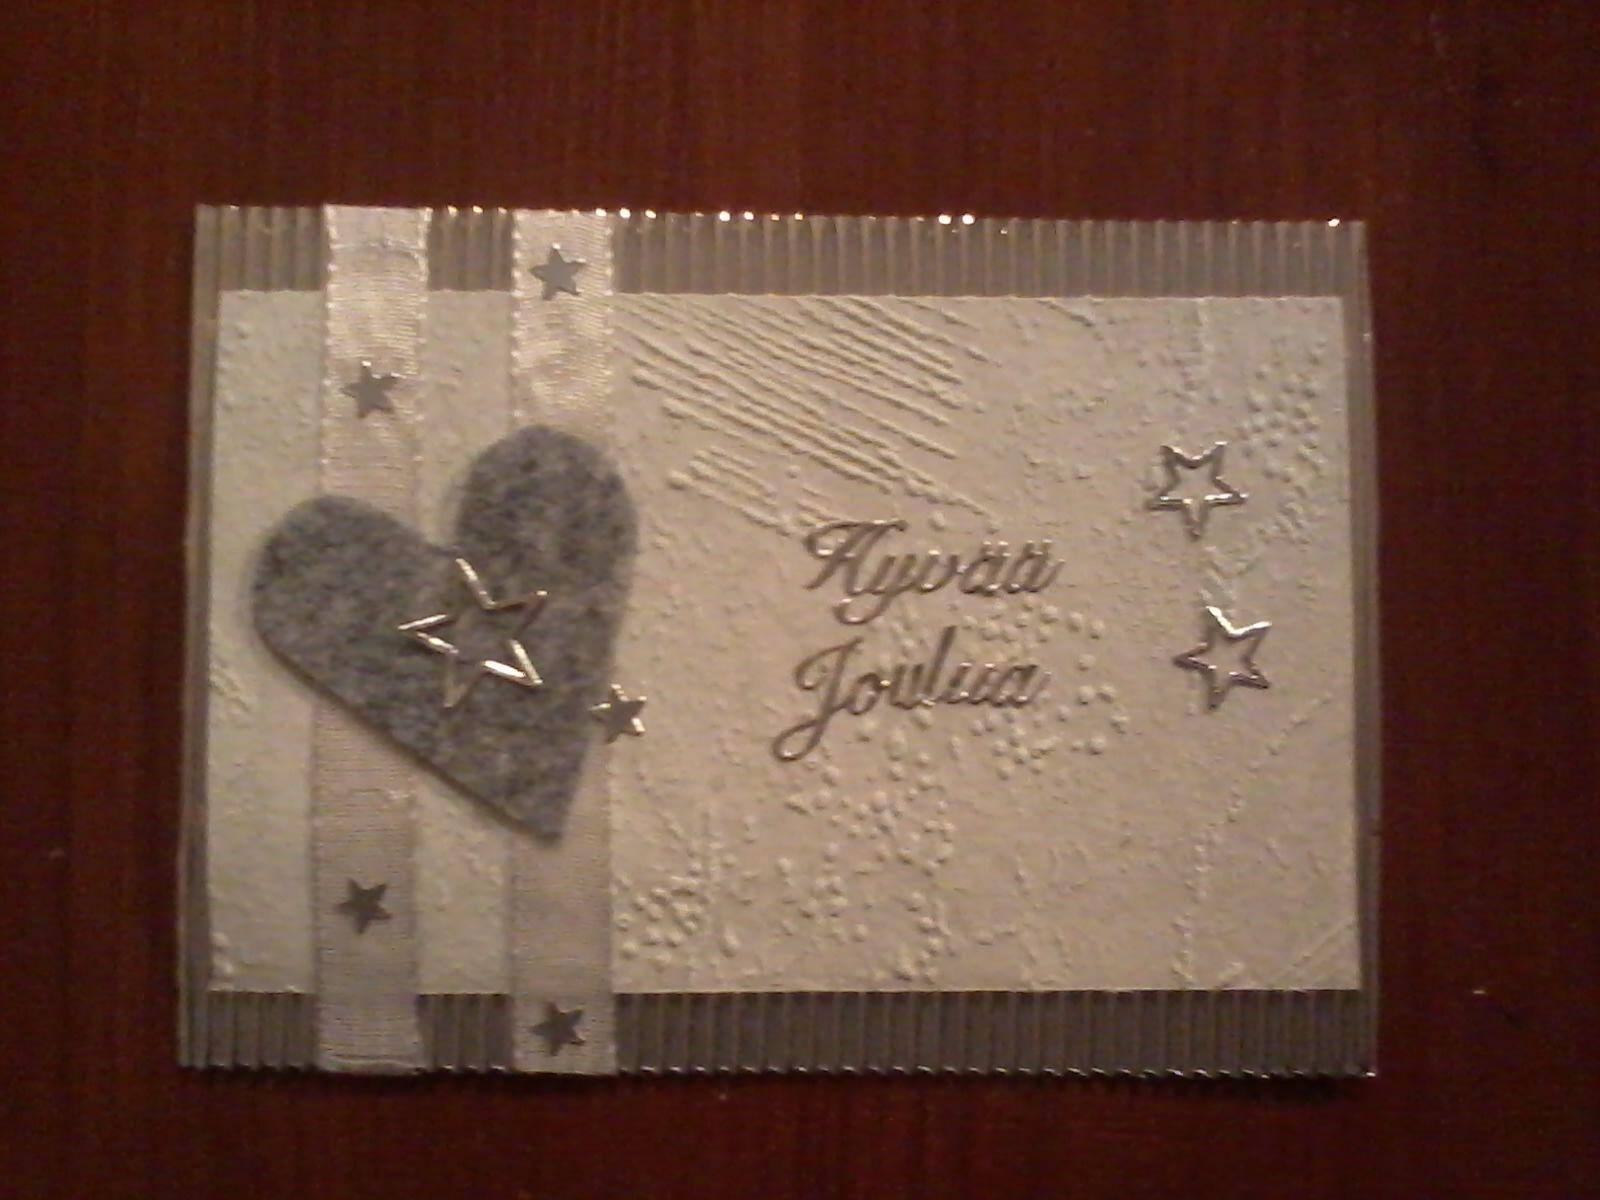 joulukortti ideat Kuvahaun tulos haulle joulukortti ideat   Joulukortit   Pinterest  joulukortti ideat